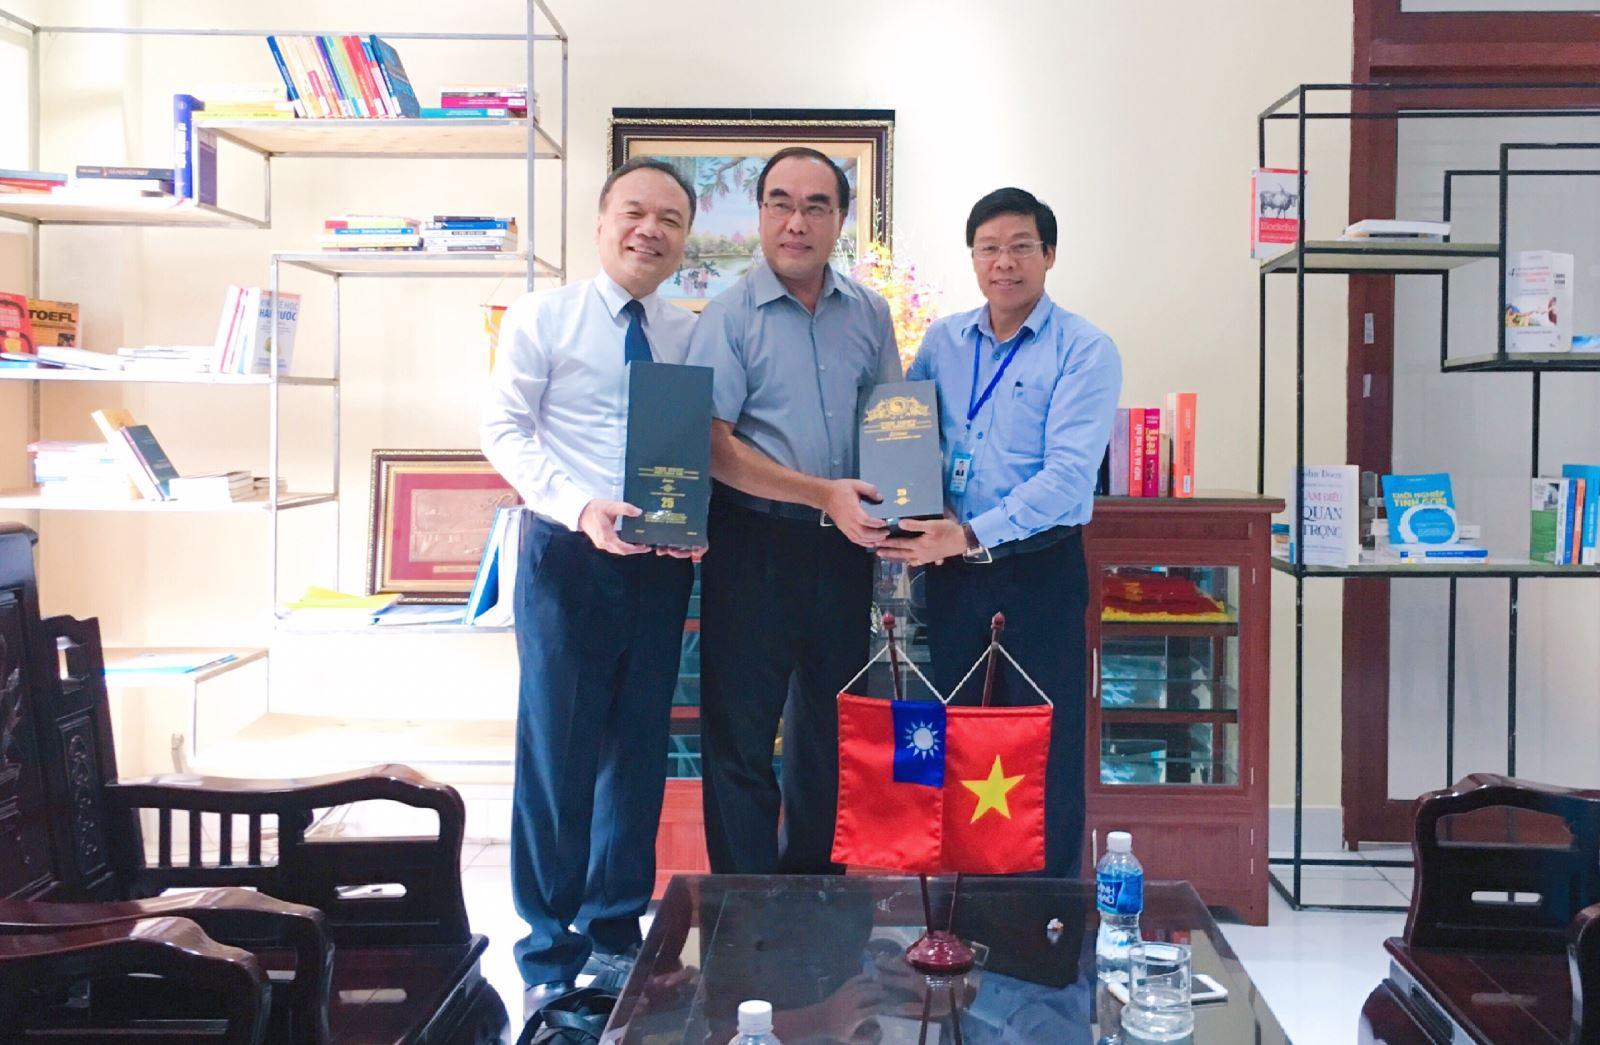 Hiệu trưởng Trường Đại học Công nghiệp Thực phẩm TP. Hồ Chí Minh tiếp Chủ tịch Hội đồng quản trị và Hiệu trưởng Trường Đại học Mỹ Hòa (Đài Loan)